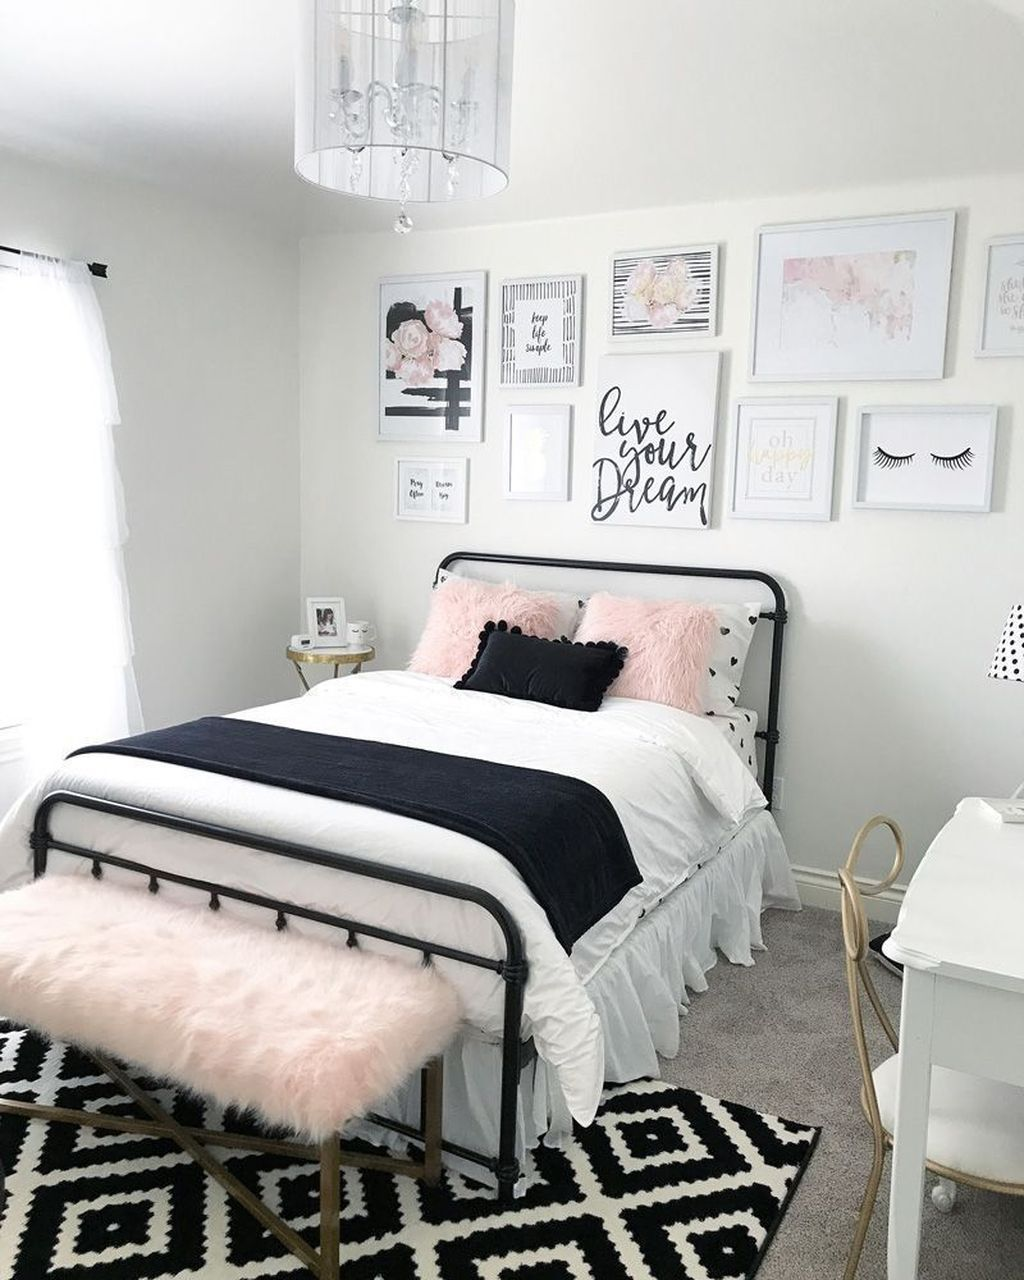 43 Creative Diy Decor Ideas For Bedroom Bedroom Decor Pink Girl Room Decor Girl Bedroom Decor